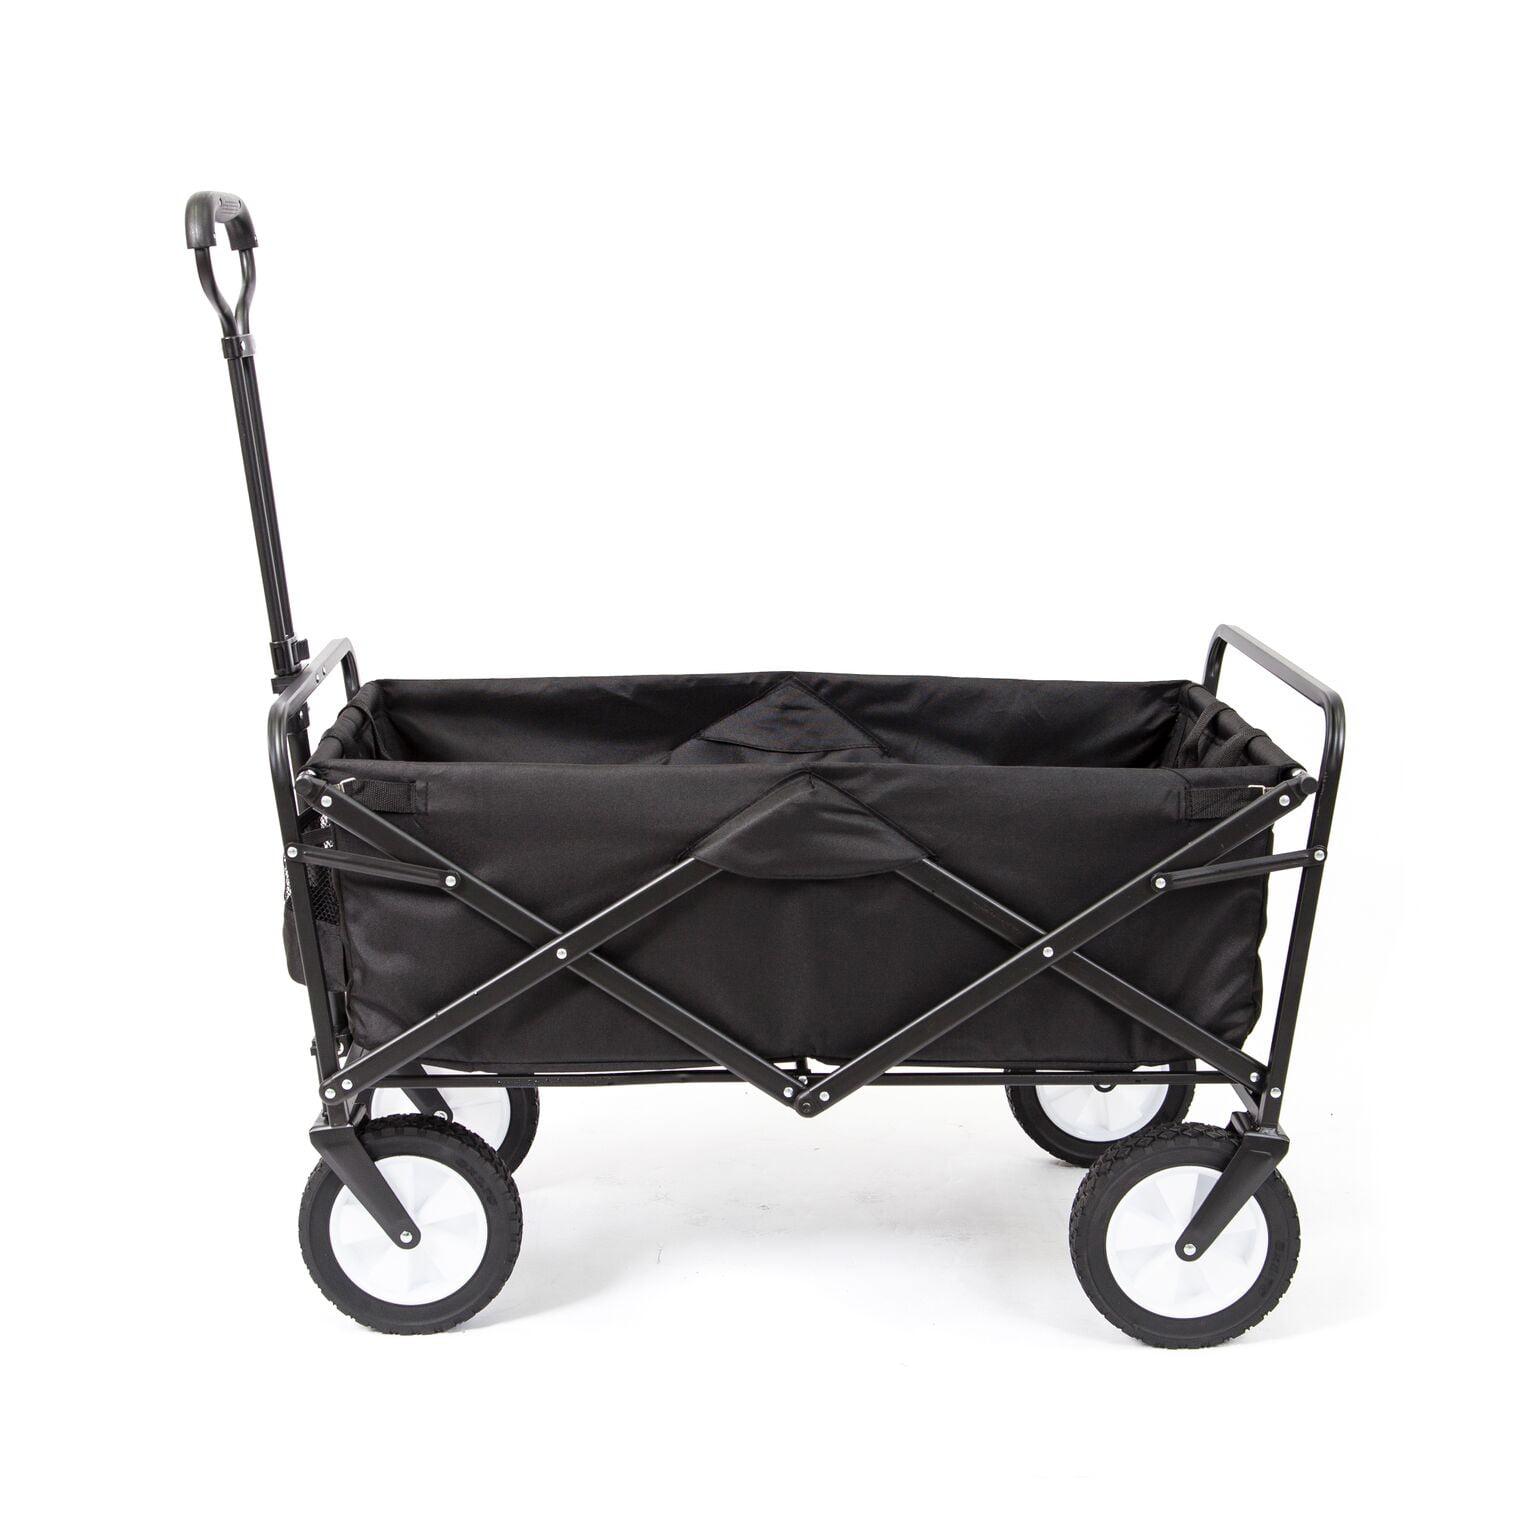 Mac Sports Folding Wagon Walmart Wwwimagenesmicom